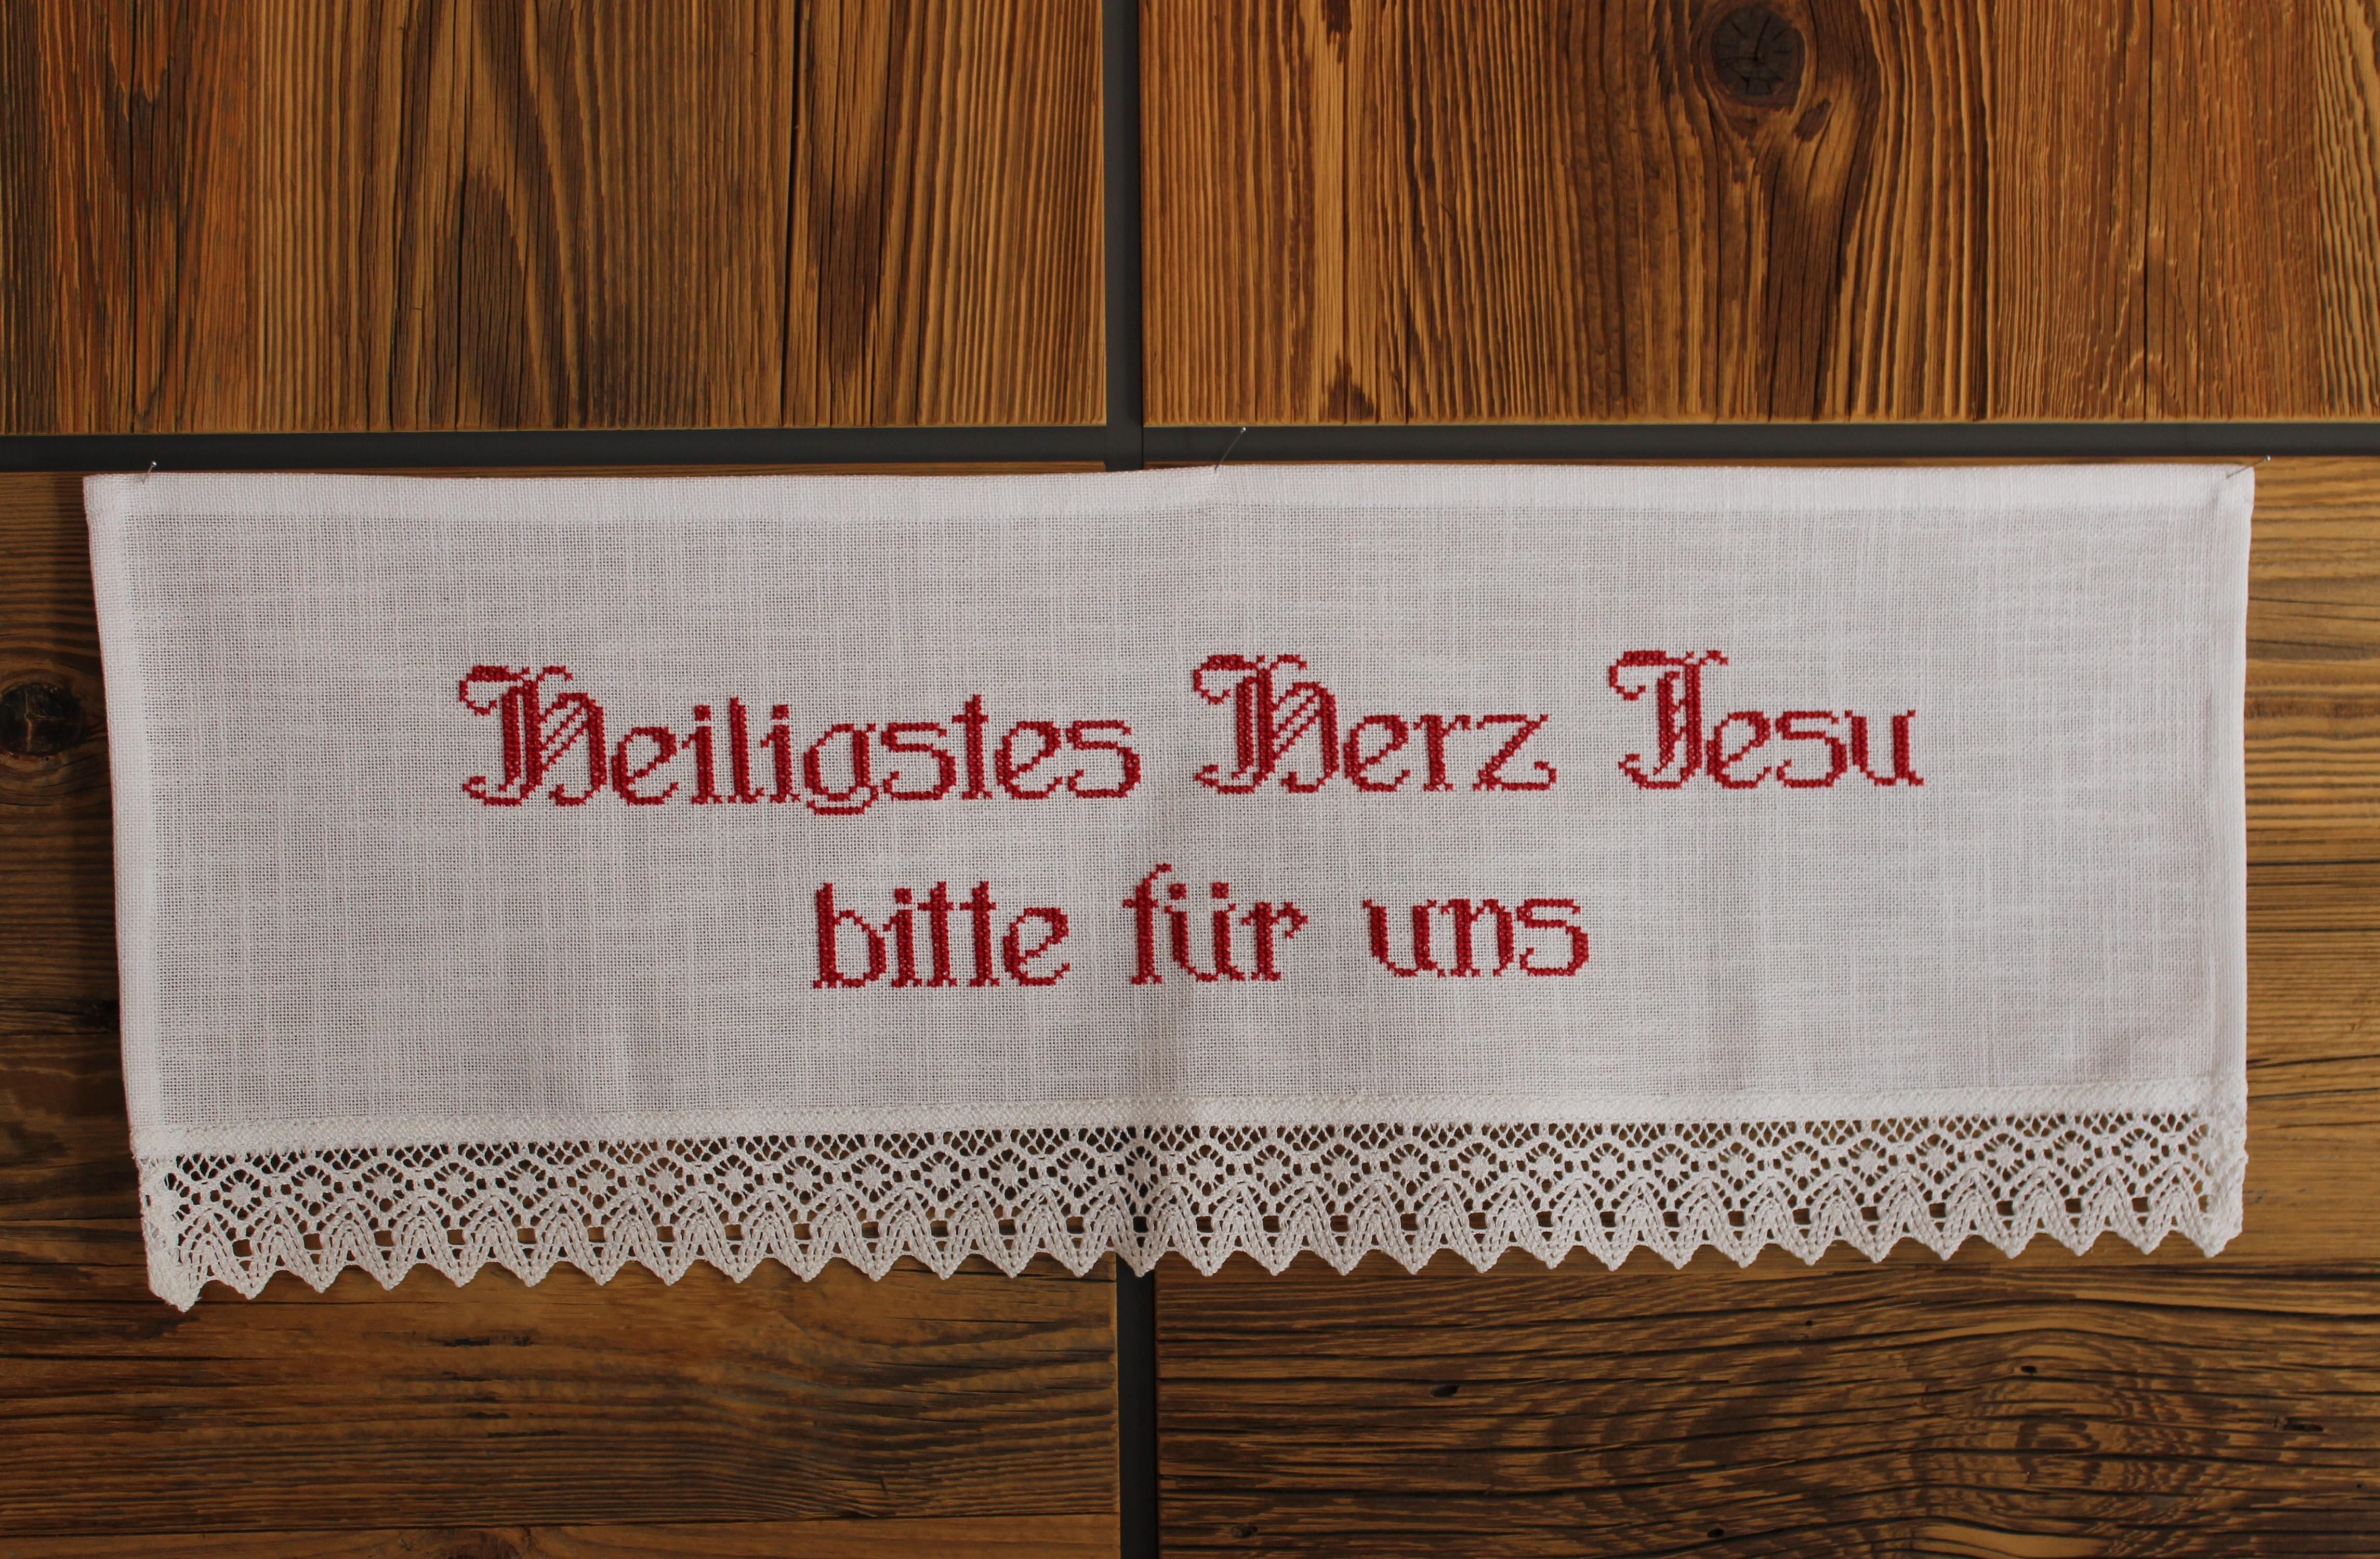 Herrgottswinkel - Heiligstes Herz Jesu bitte für uns